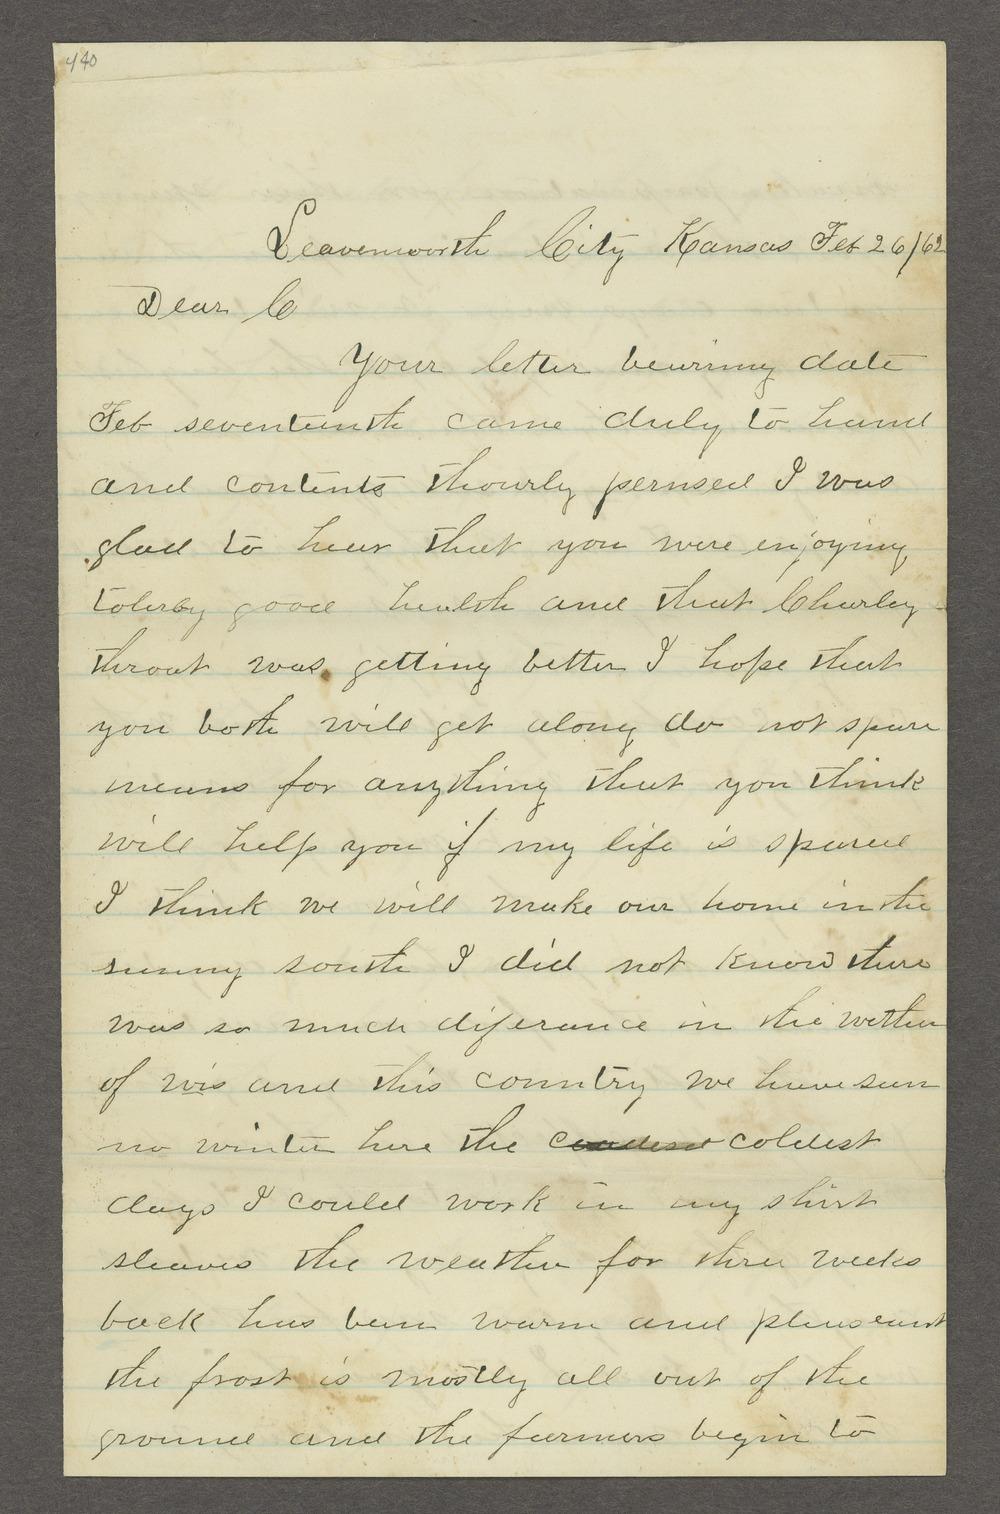 Aiken J. Sexton correspondence - 1